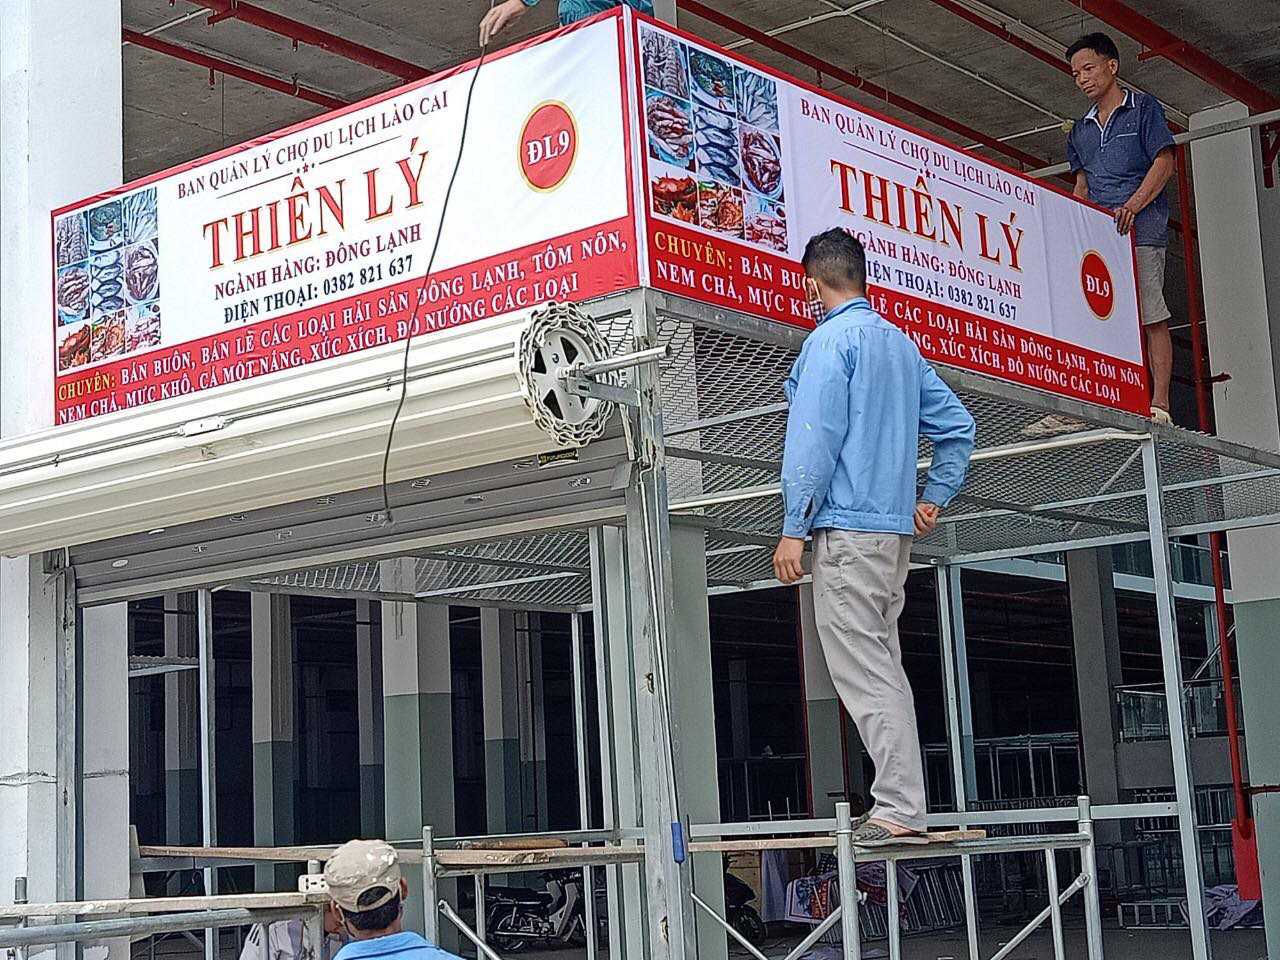 Tiểu thương thi công gian hàng sẵn sàng chuyển về chợ Du lịch Lào Cai sắp khai trương - Ảnh 1.